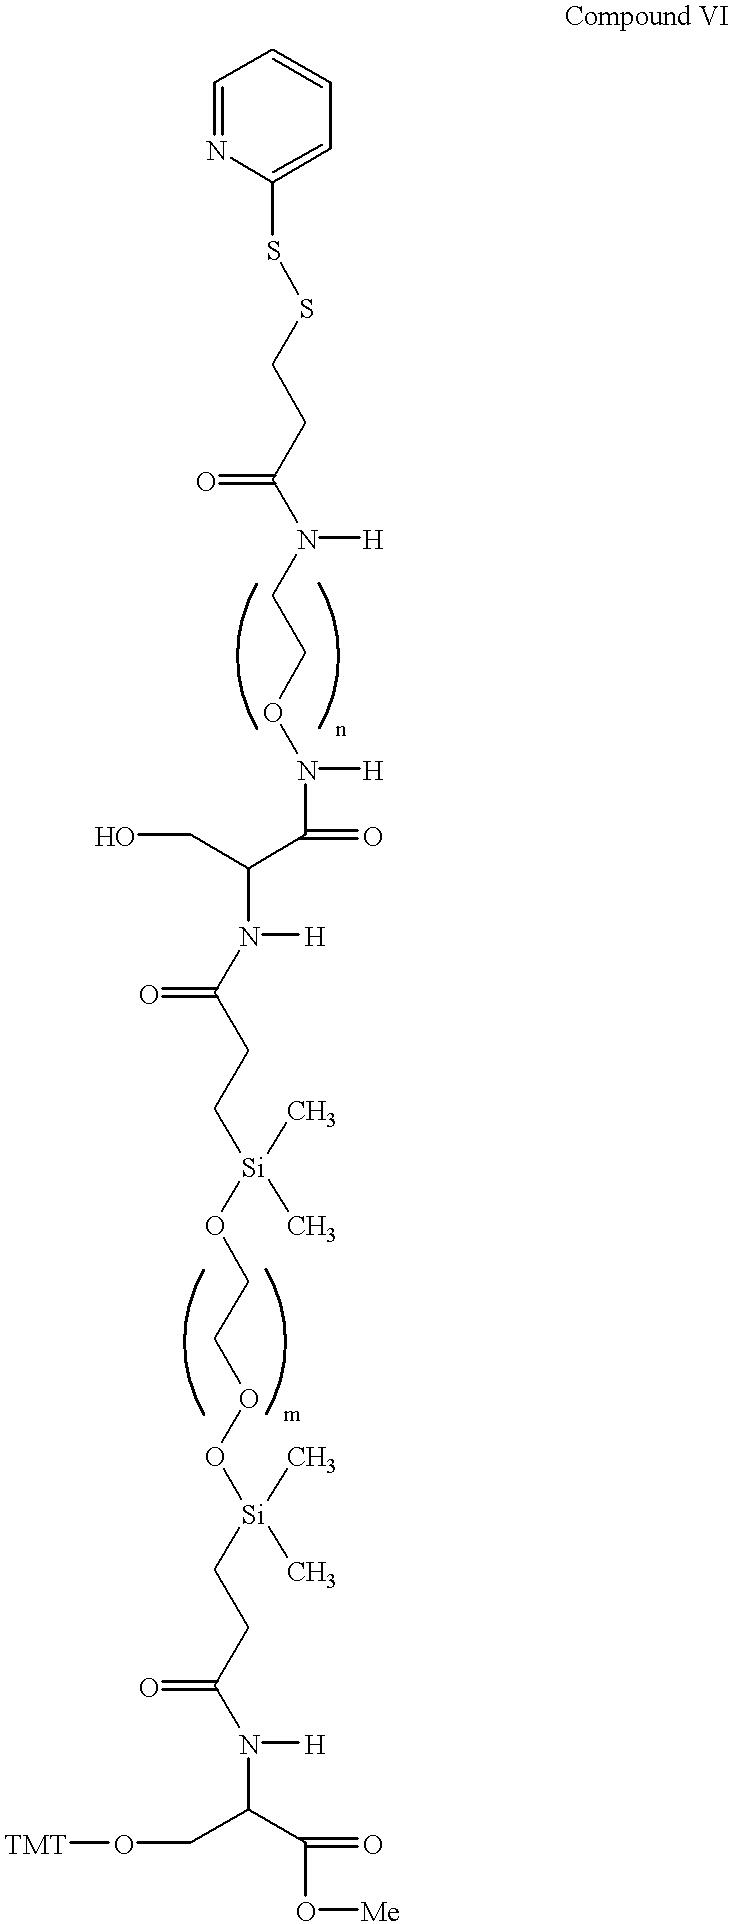 Figure US06312901-20011106-C00006